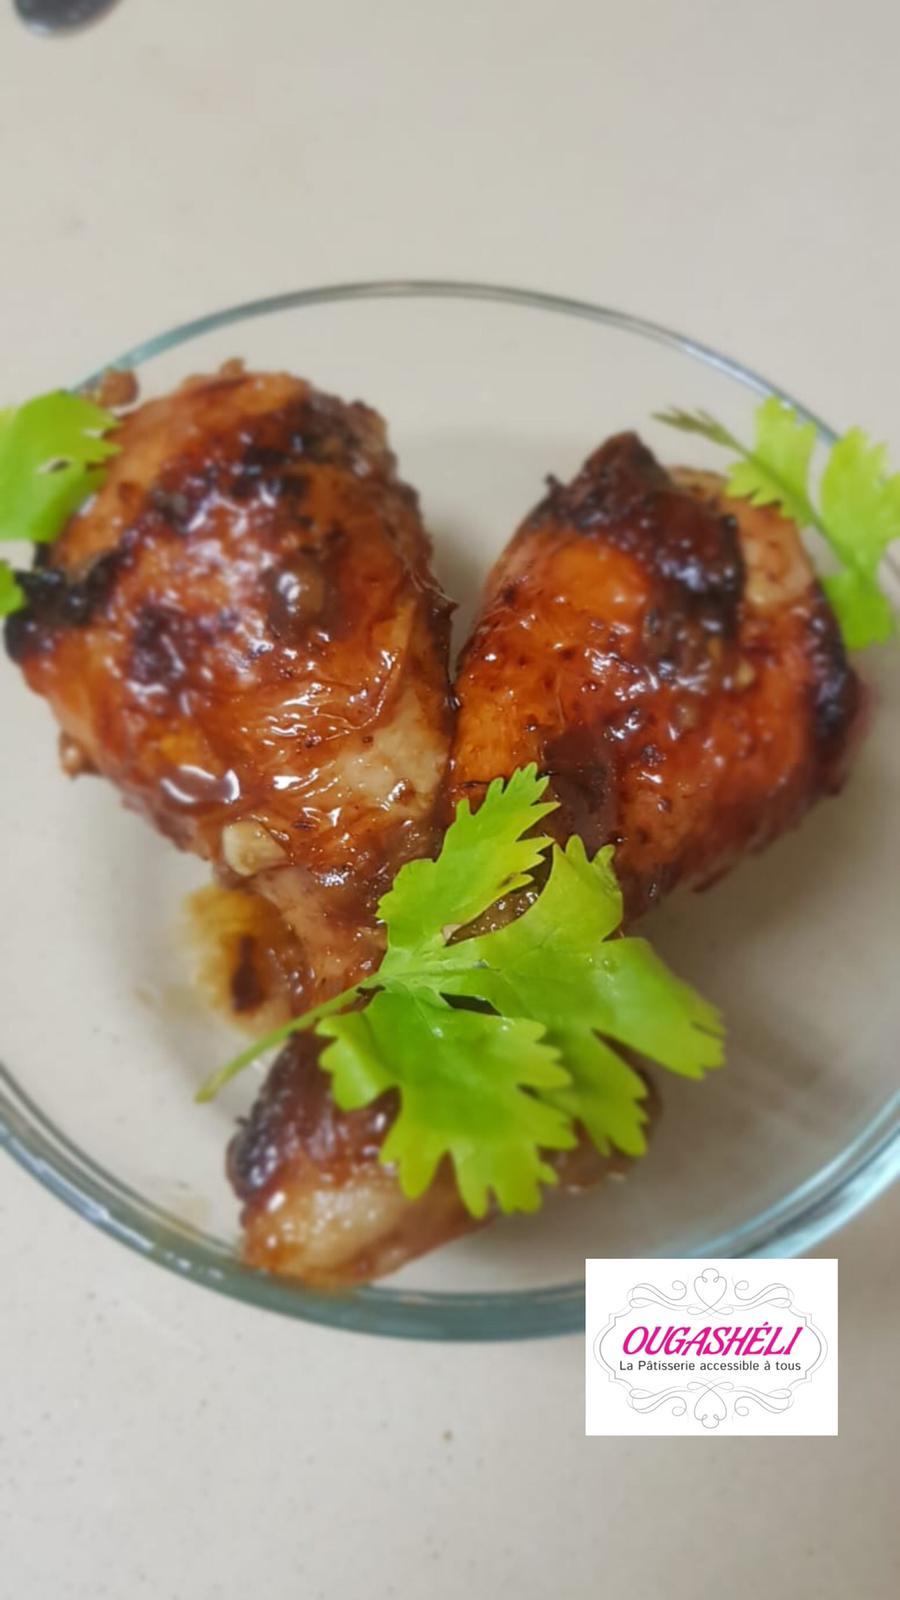 Les pilons de poulet caramélisés à la sauce soja